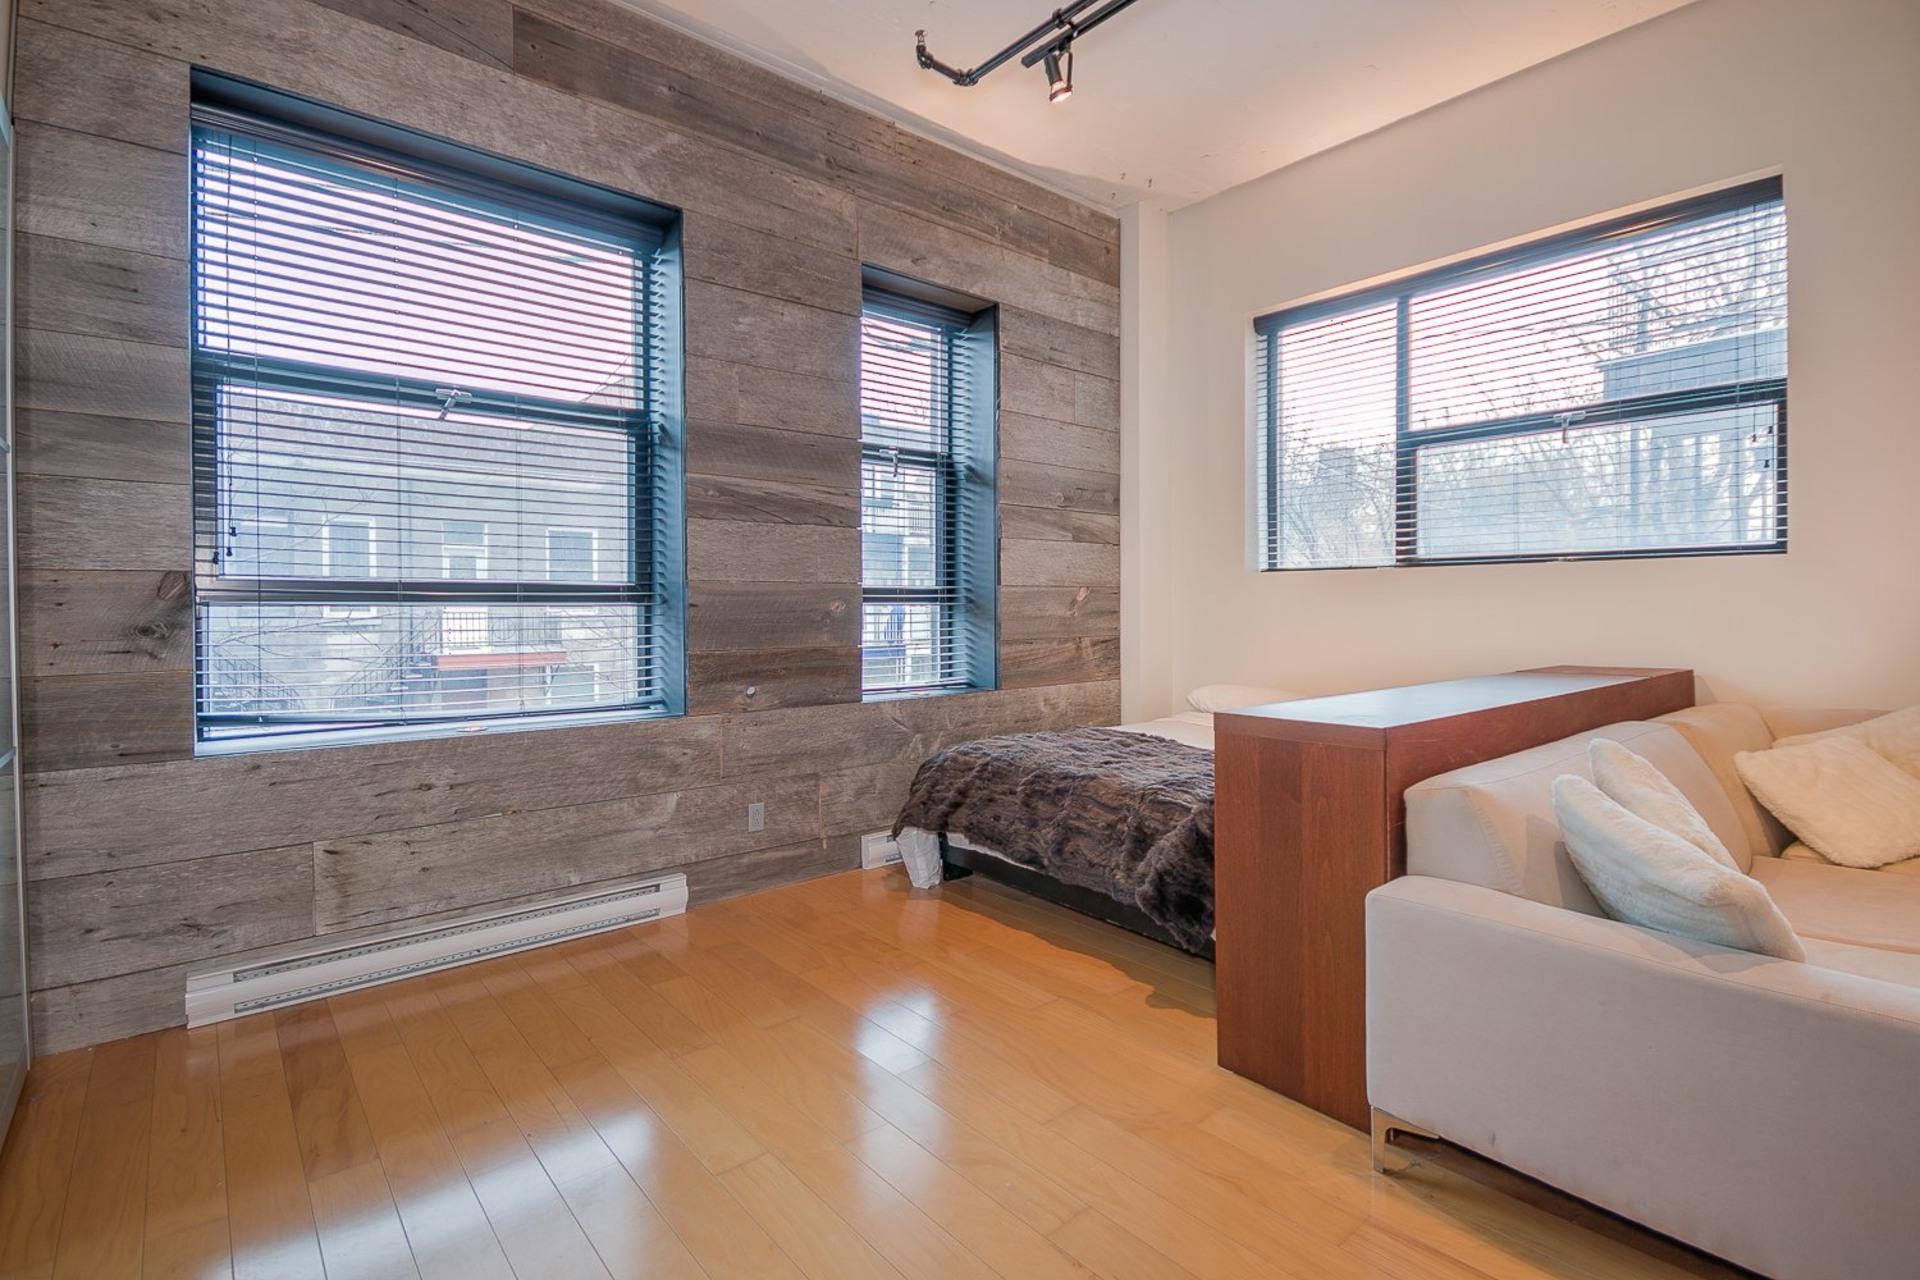 image 11 - Appartement À louer Le Plateau-Mont-Royal Montréal  - 6 pièces